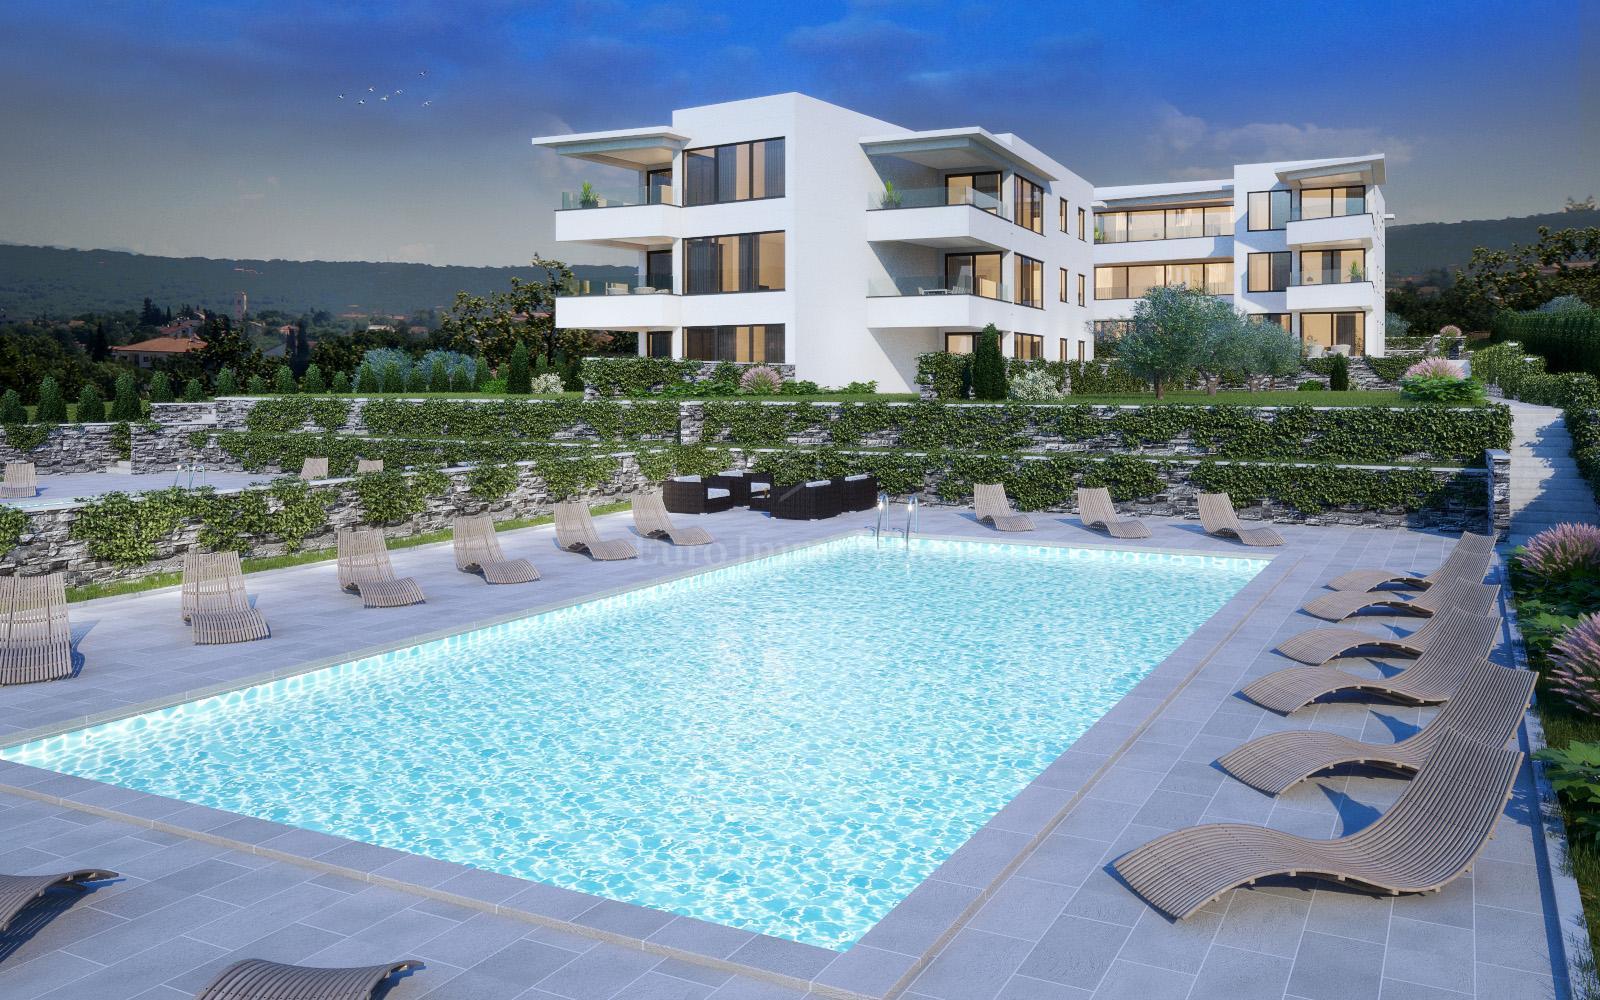 Luksuzni apartman na najpoželjnijoj lokaciji otoka Krka